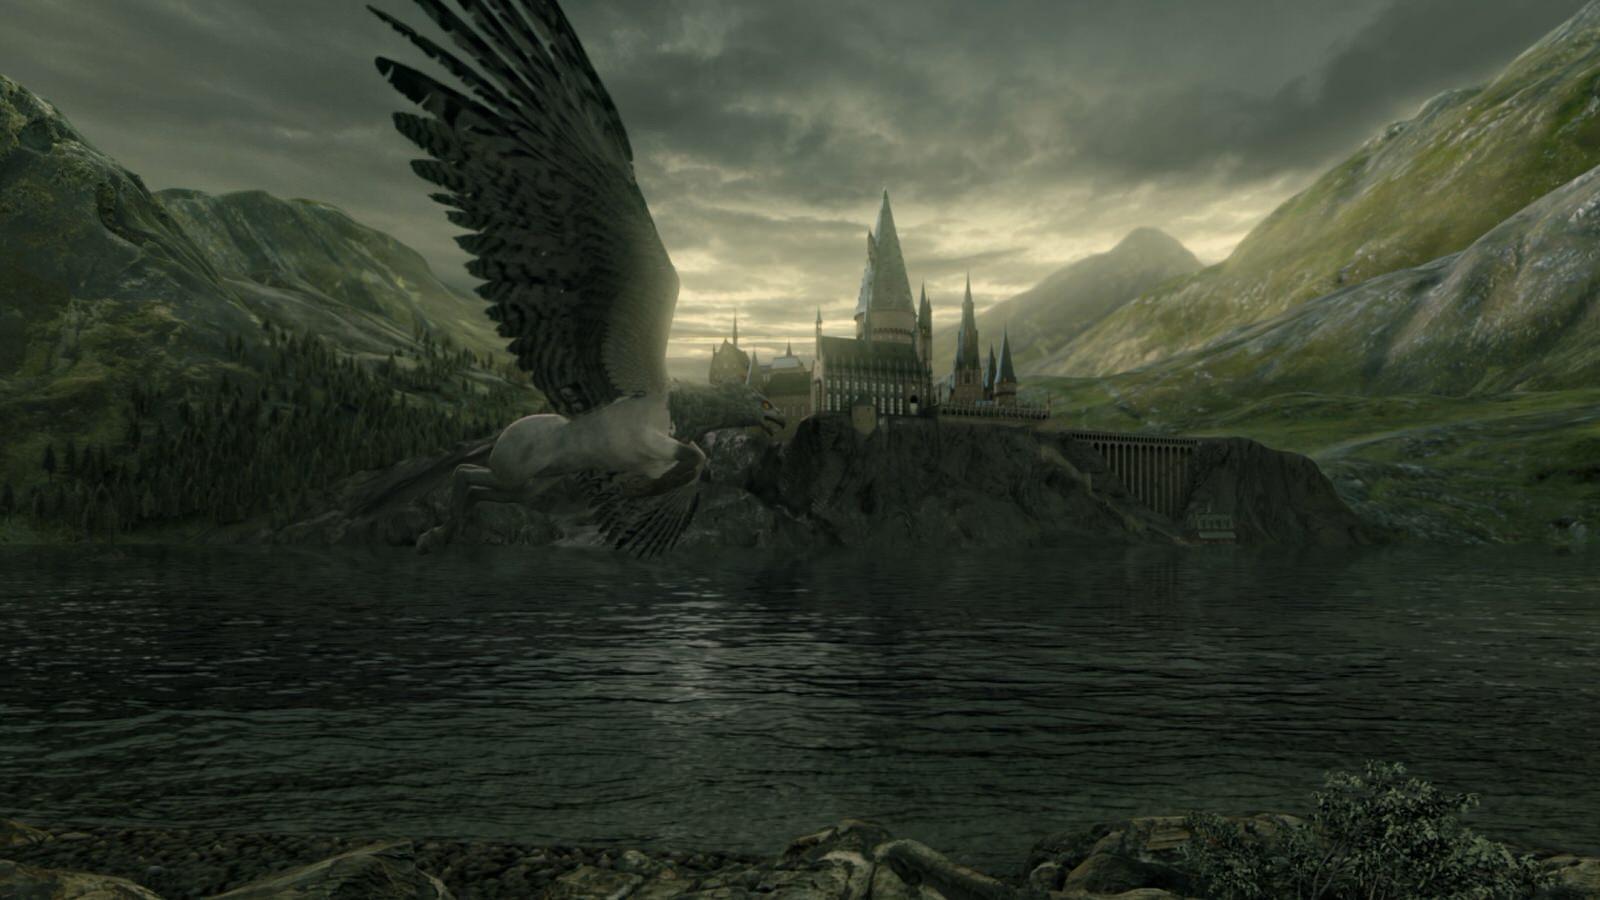 Images Hogwarts Express Animation Buckbeak Universal Orlando 1600x900